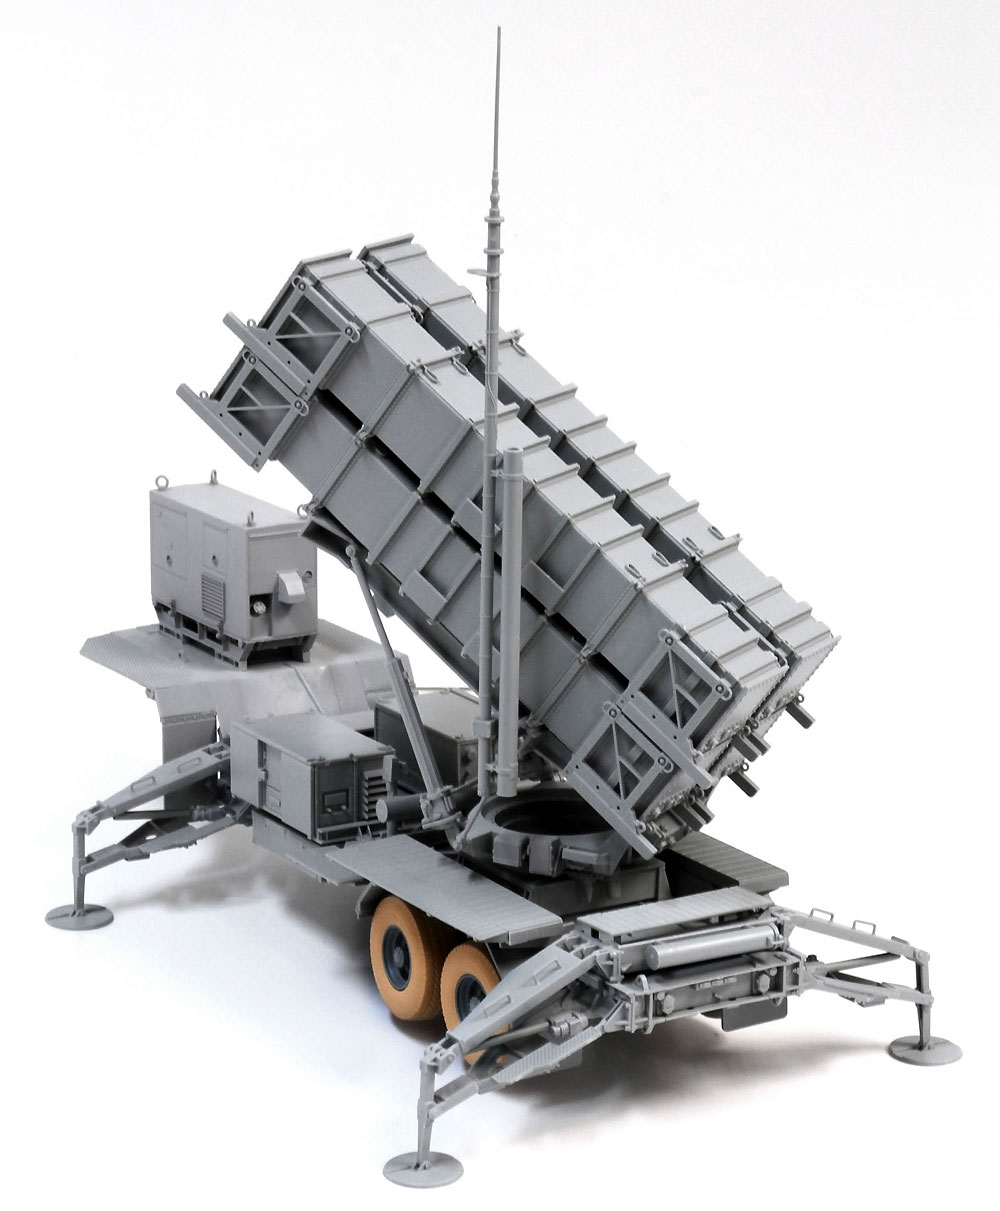 MIM-104C パトリオット (PAC-2)プラモデル(ドラゴン1/35 BLACK LABELNo.3604)商品画像_4